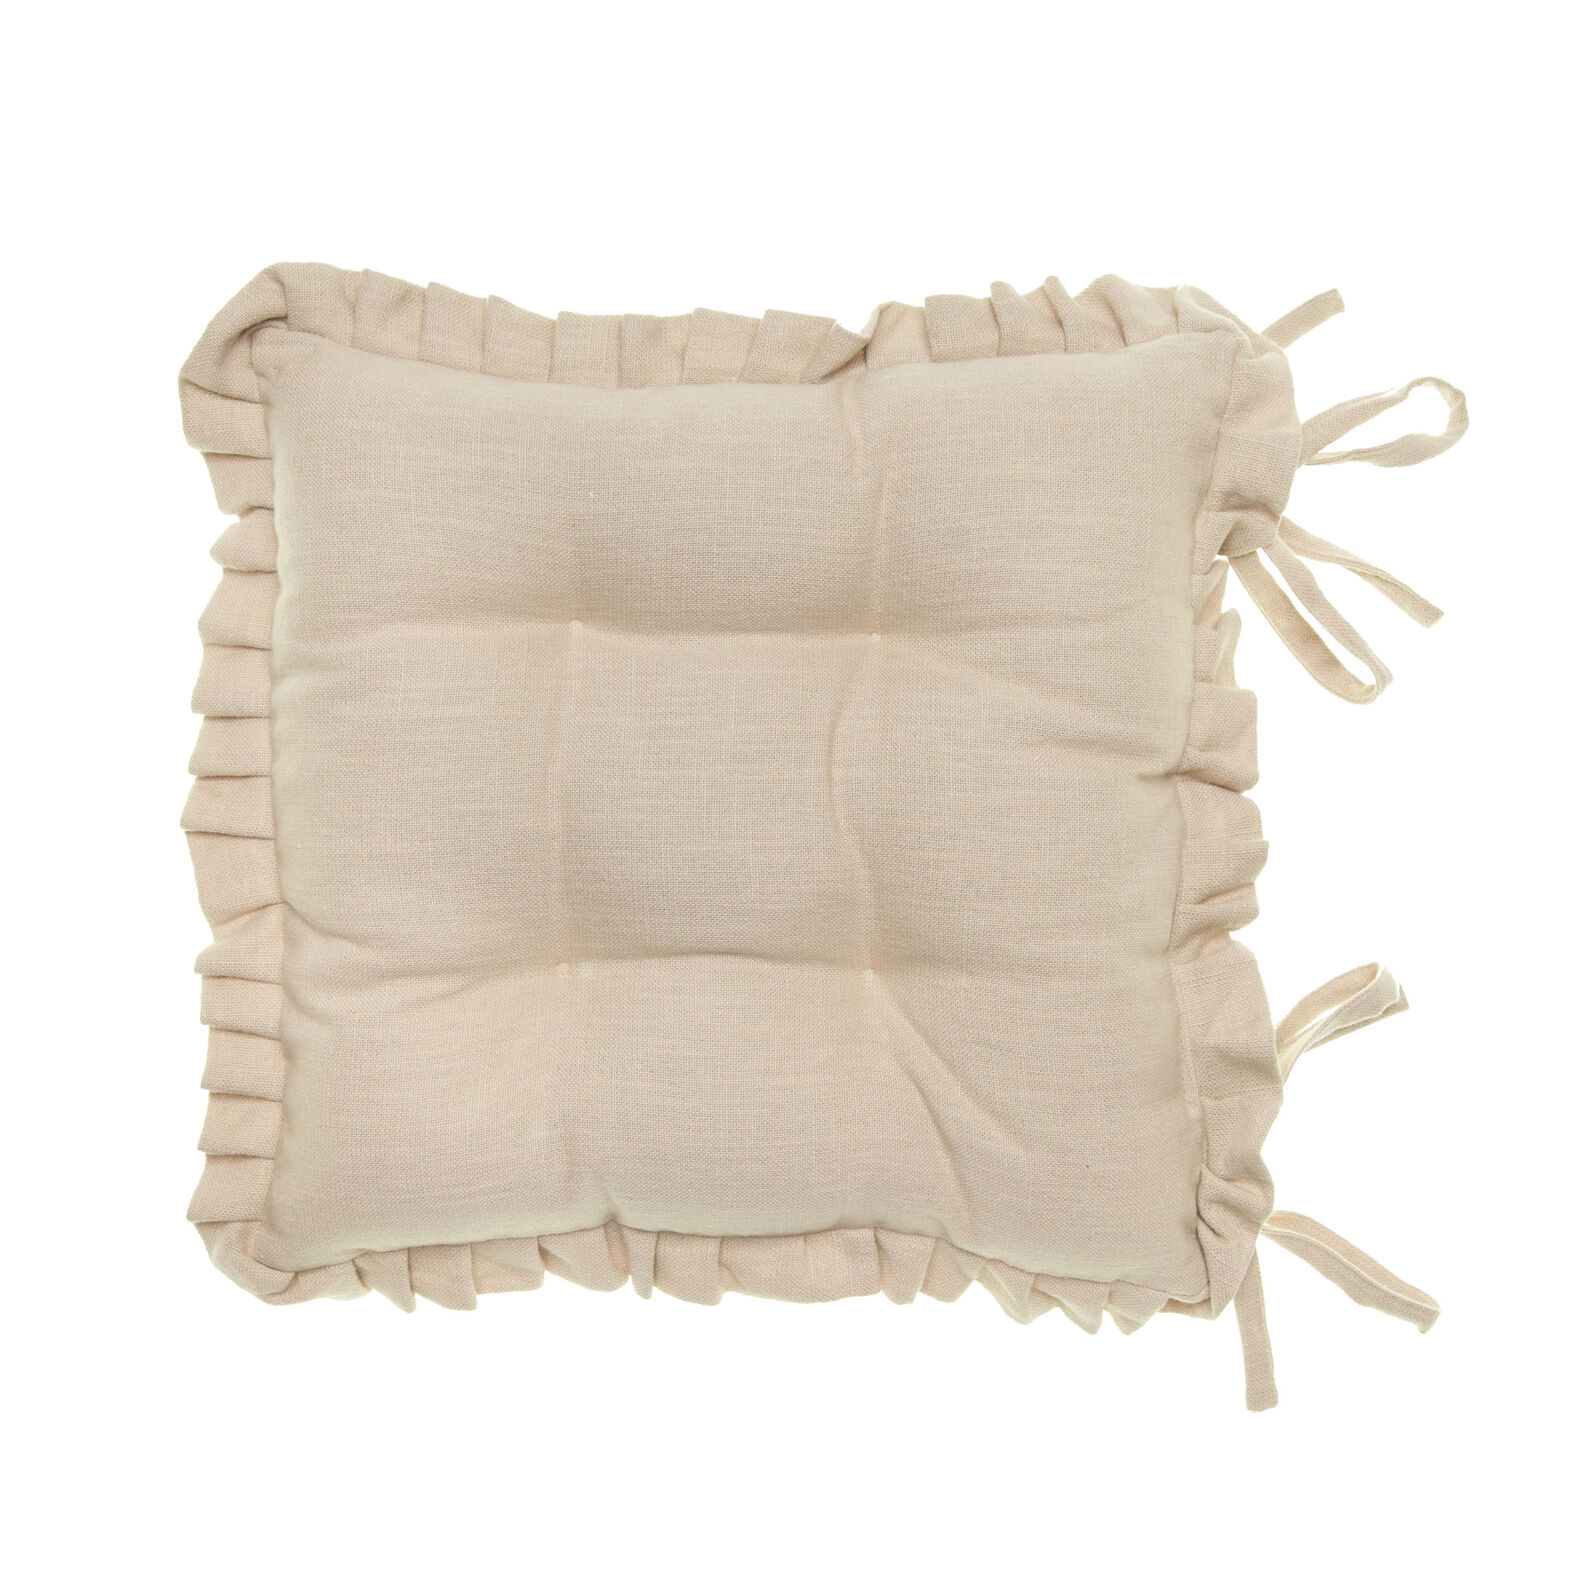 cuscini con volant per sedie: cuscino sedia con volant morbidone